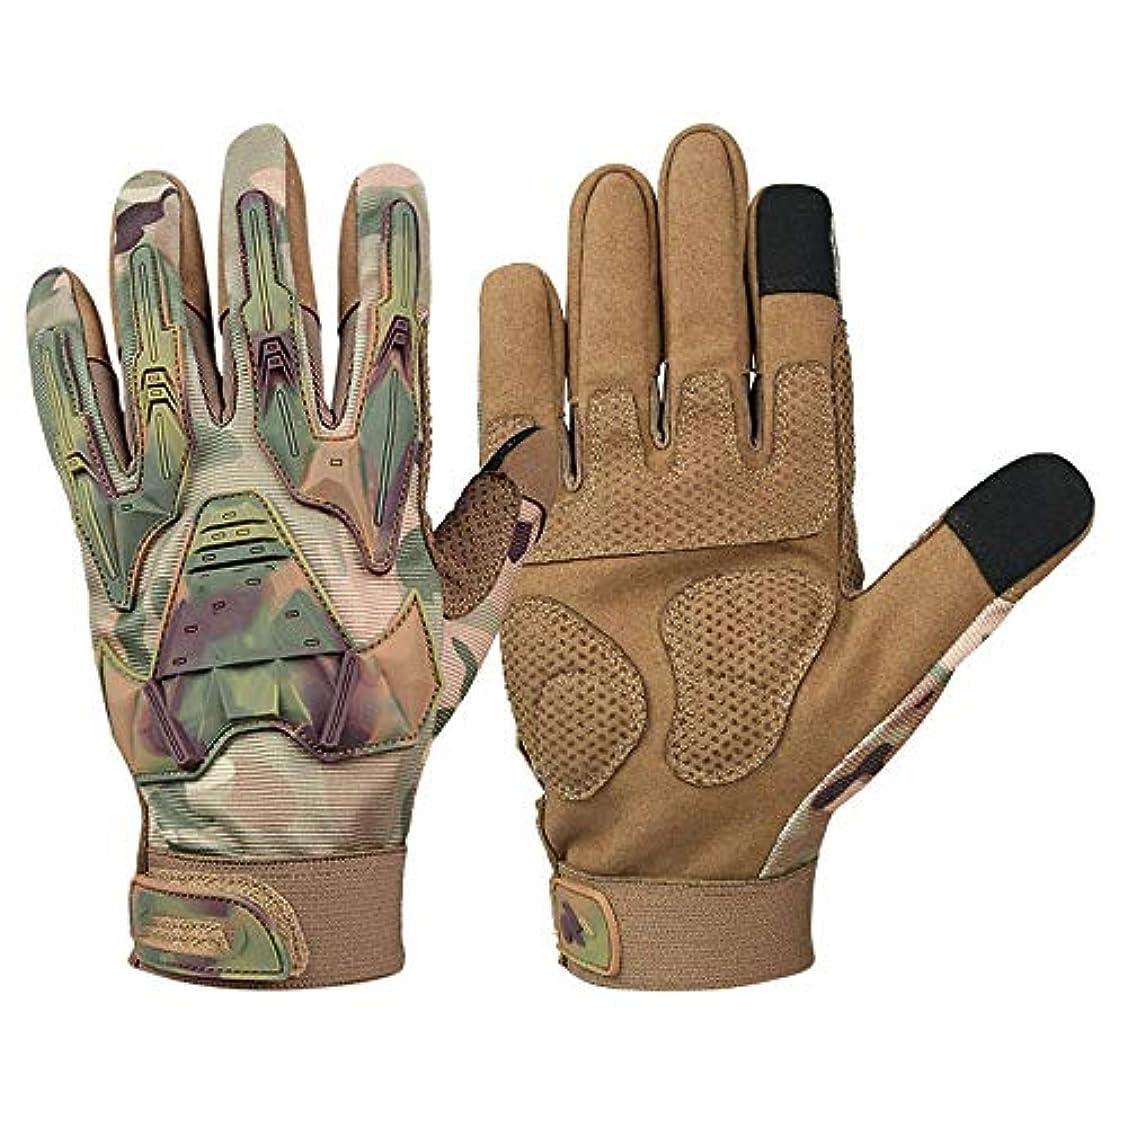 アーサーコナンドイル被る作り上げる新しい戦術はすべて、屋外のタッチスクリーン防風ノンスリップ戦闘迷彩手袋